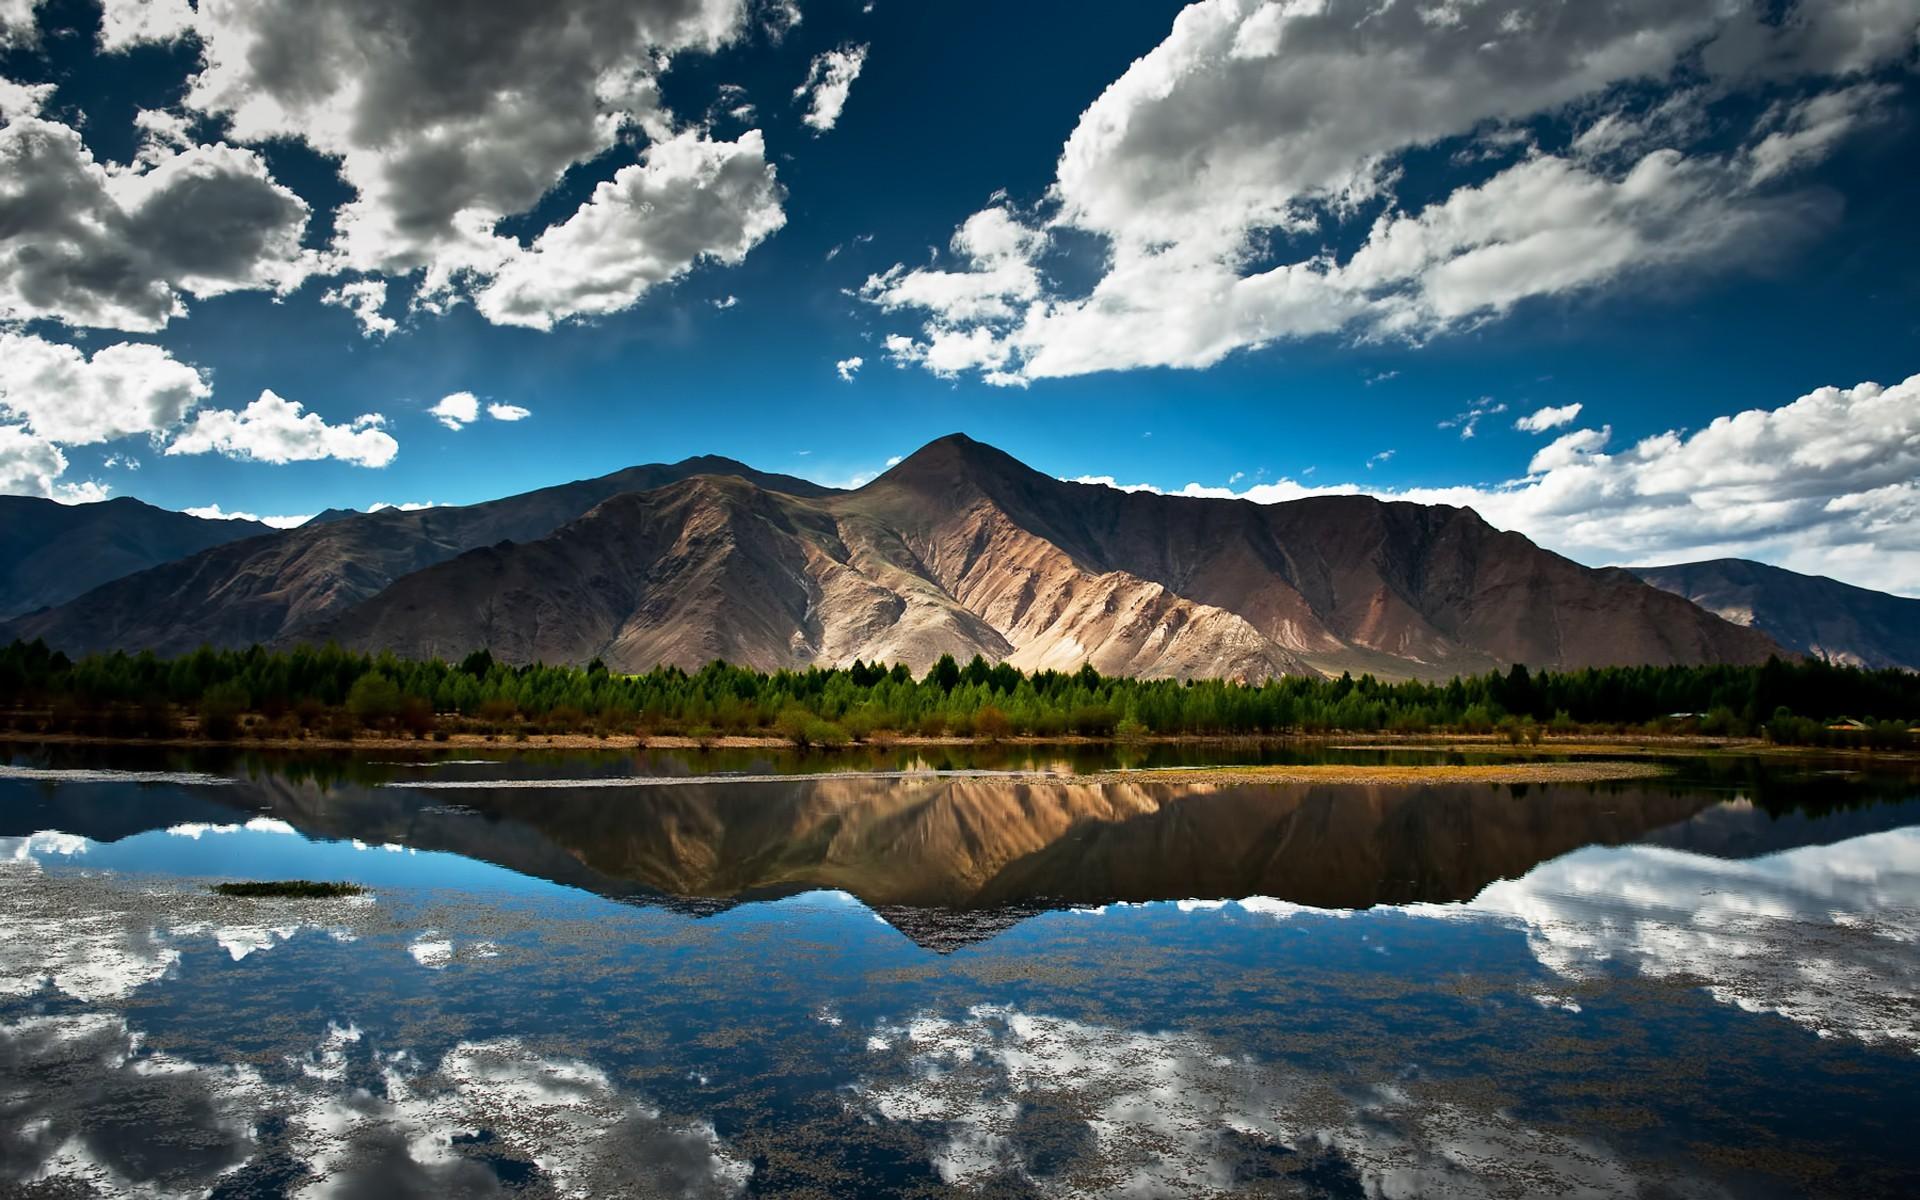 Mountains Wallpaper Widescreen HD 169